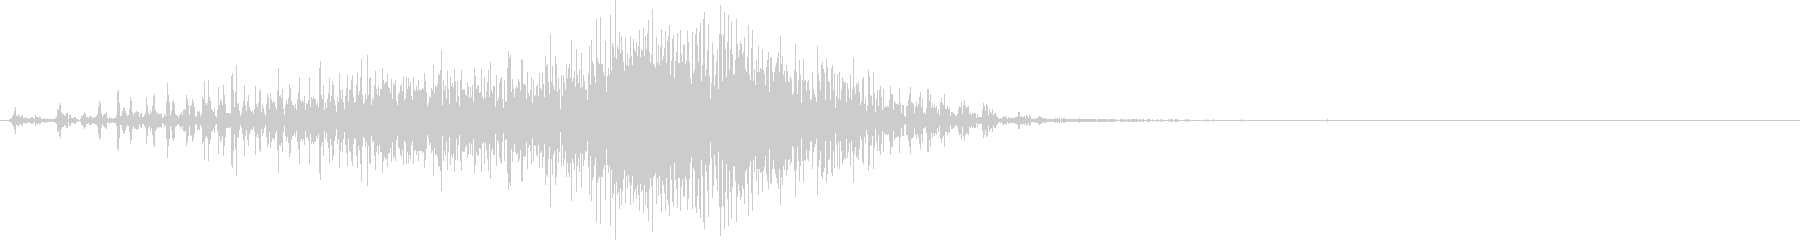 ジッパーの効果音 04の未再生の波形